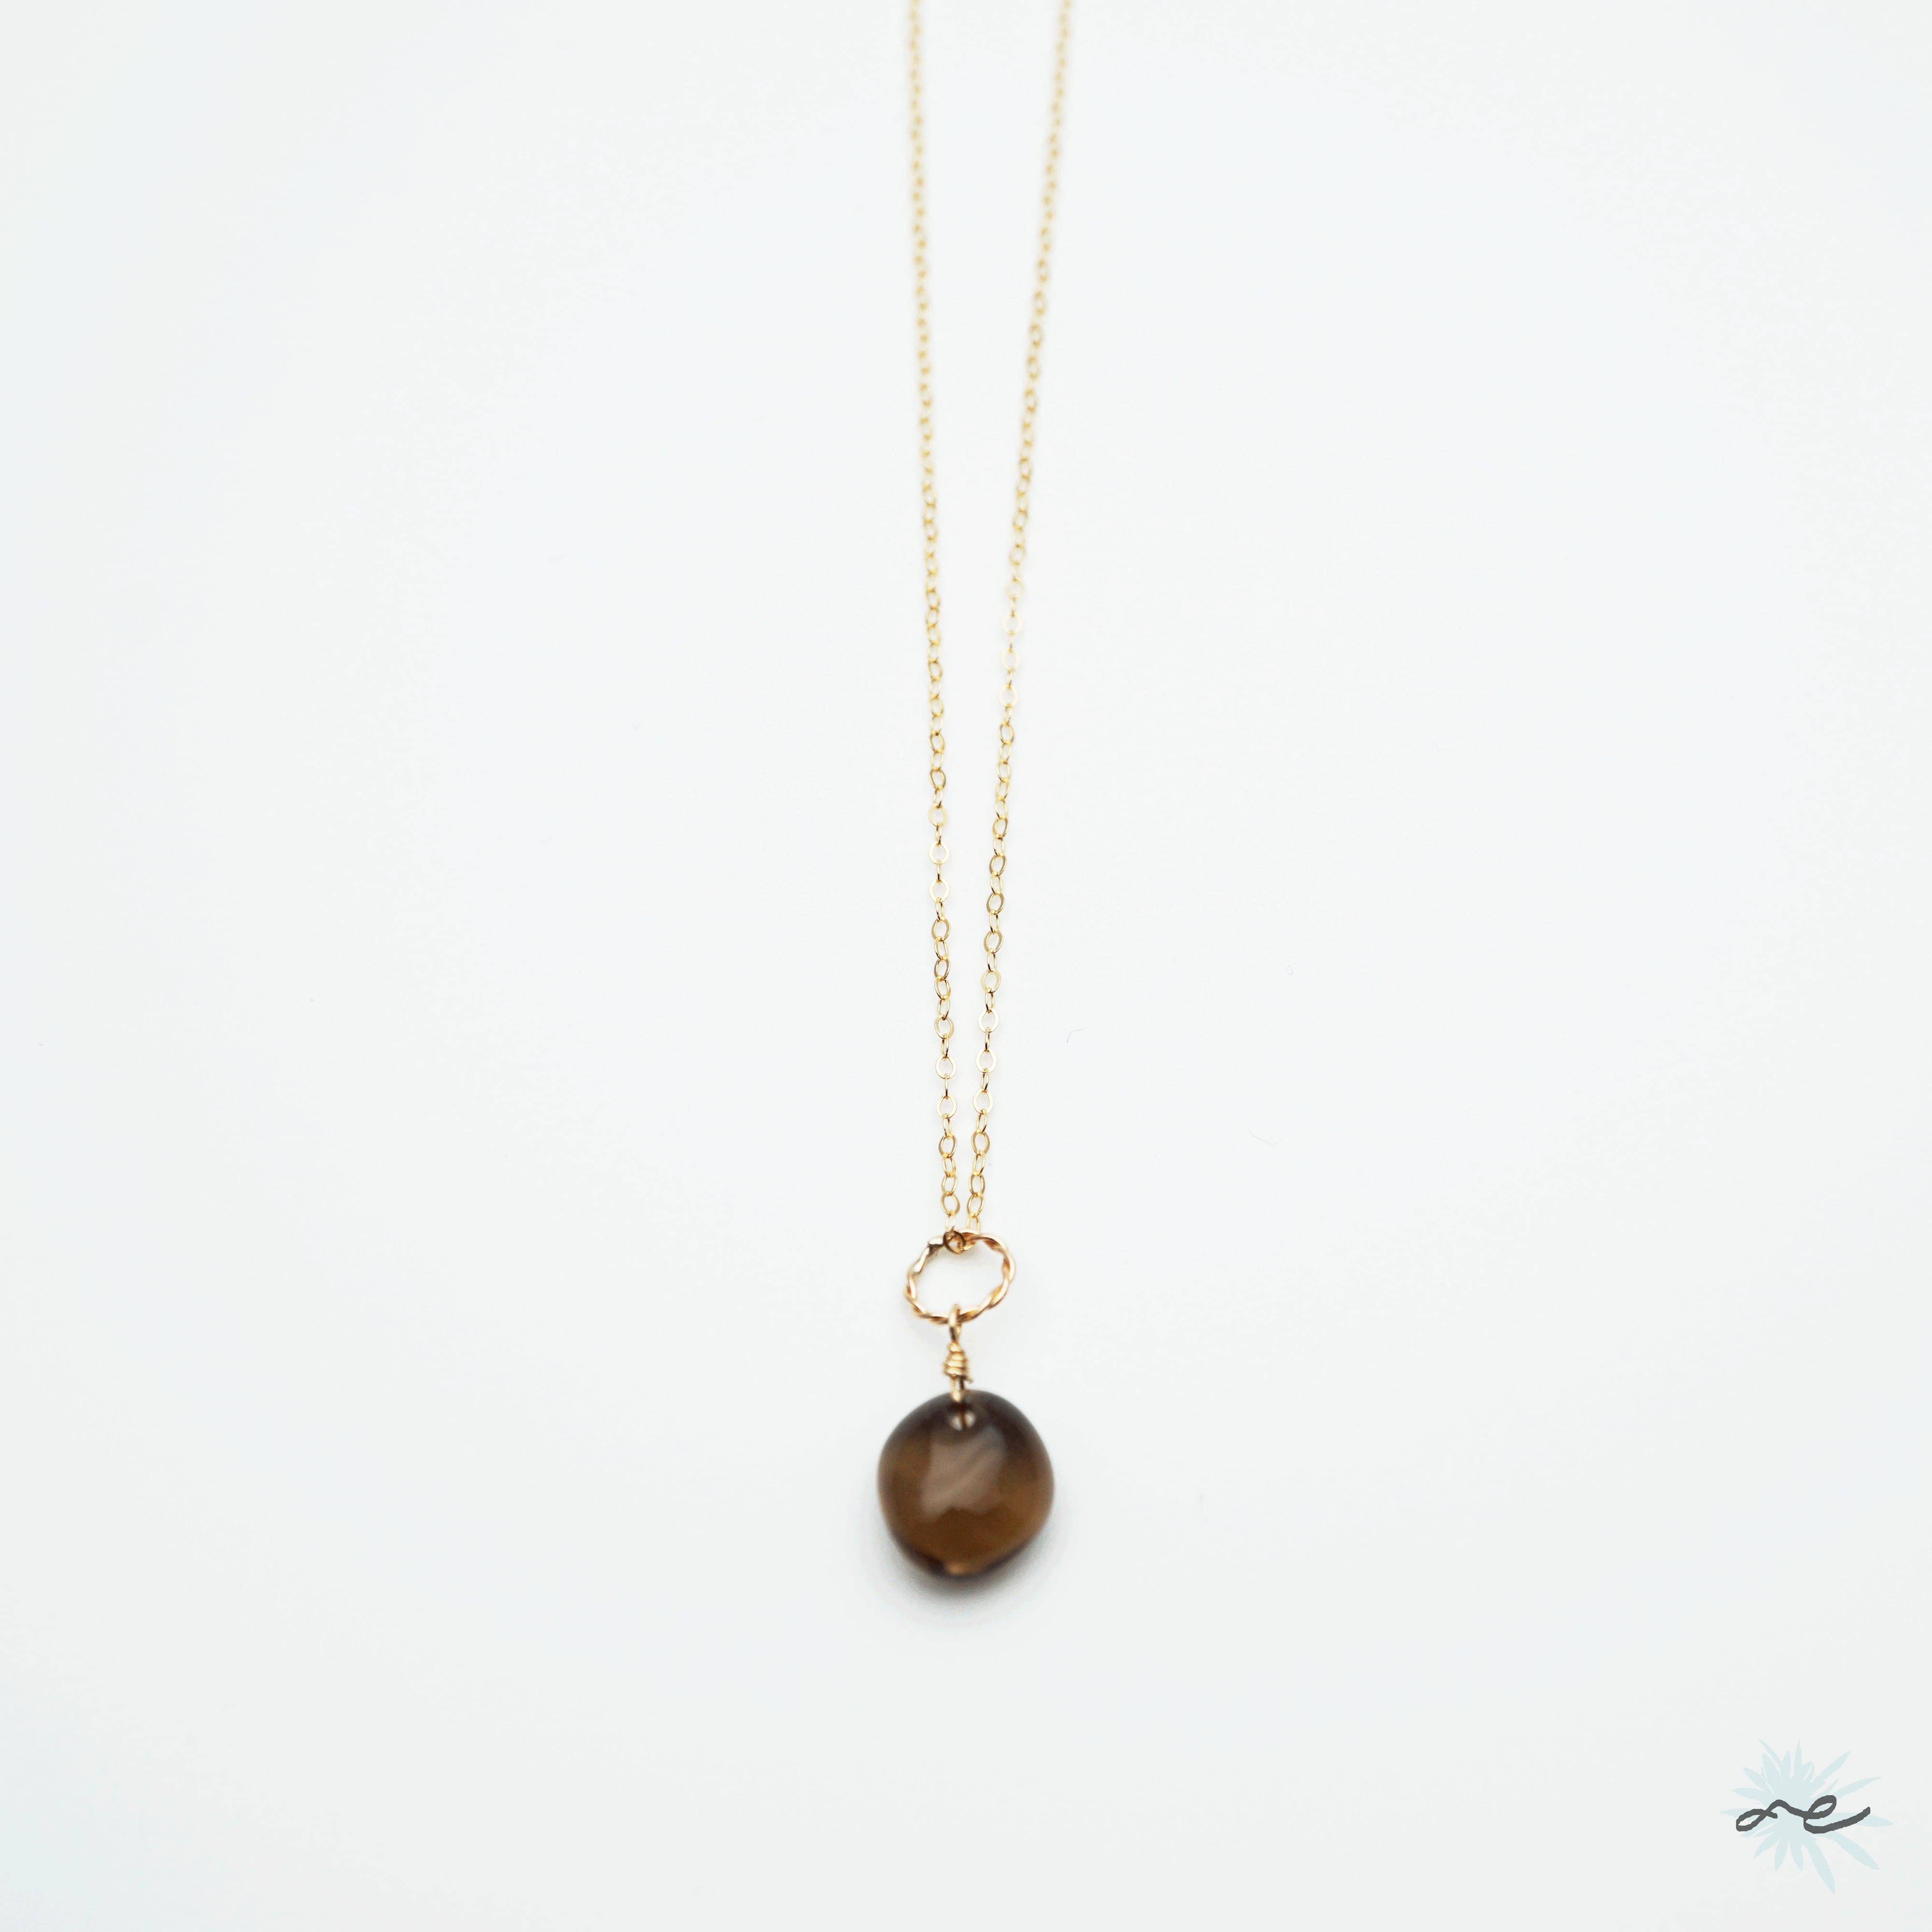 Smoky quartz Necklace/K14 gf